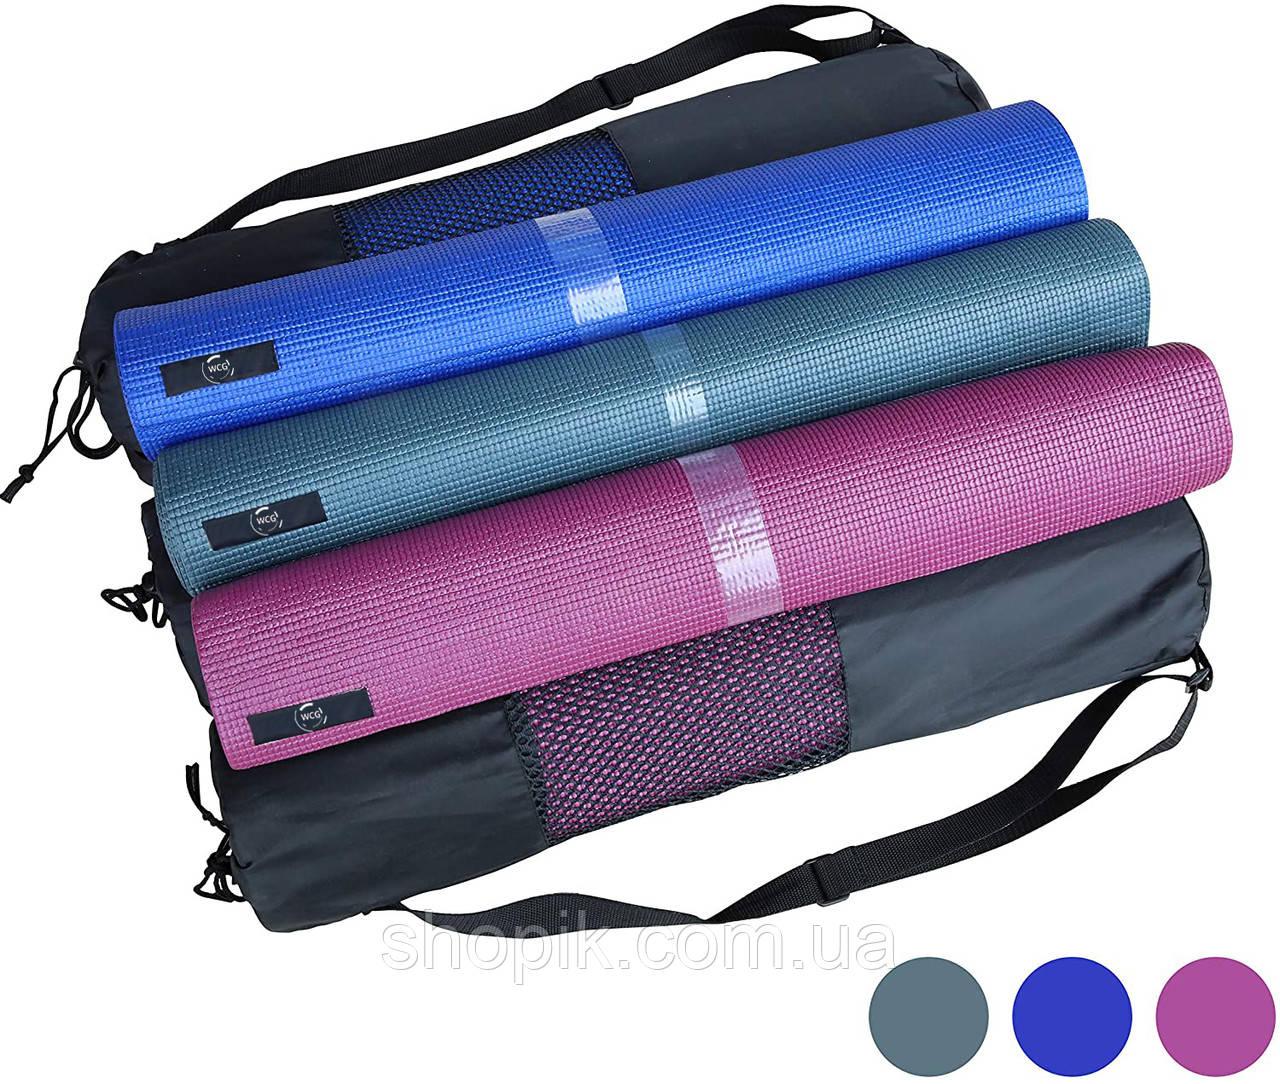 Коврик для йоги и фитнеса (йога мат)  WCG M6 Фиолетовый SHOPIK